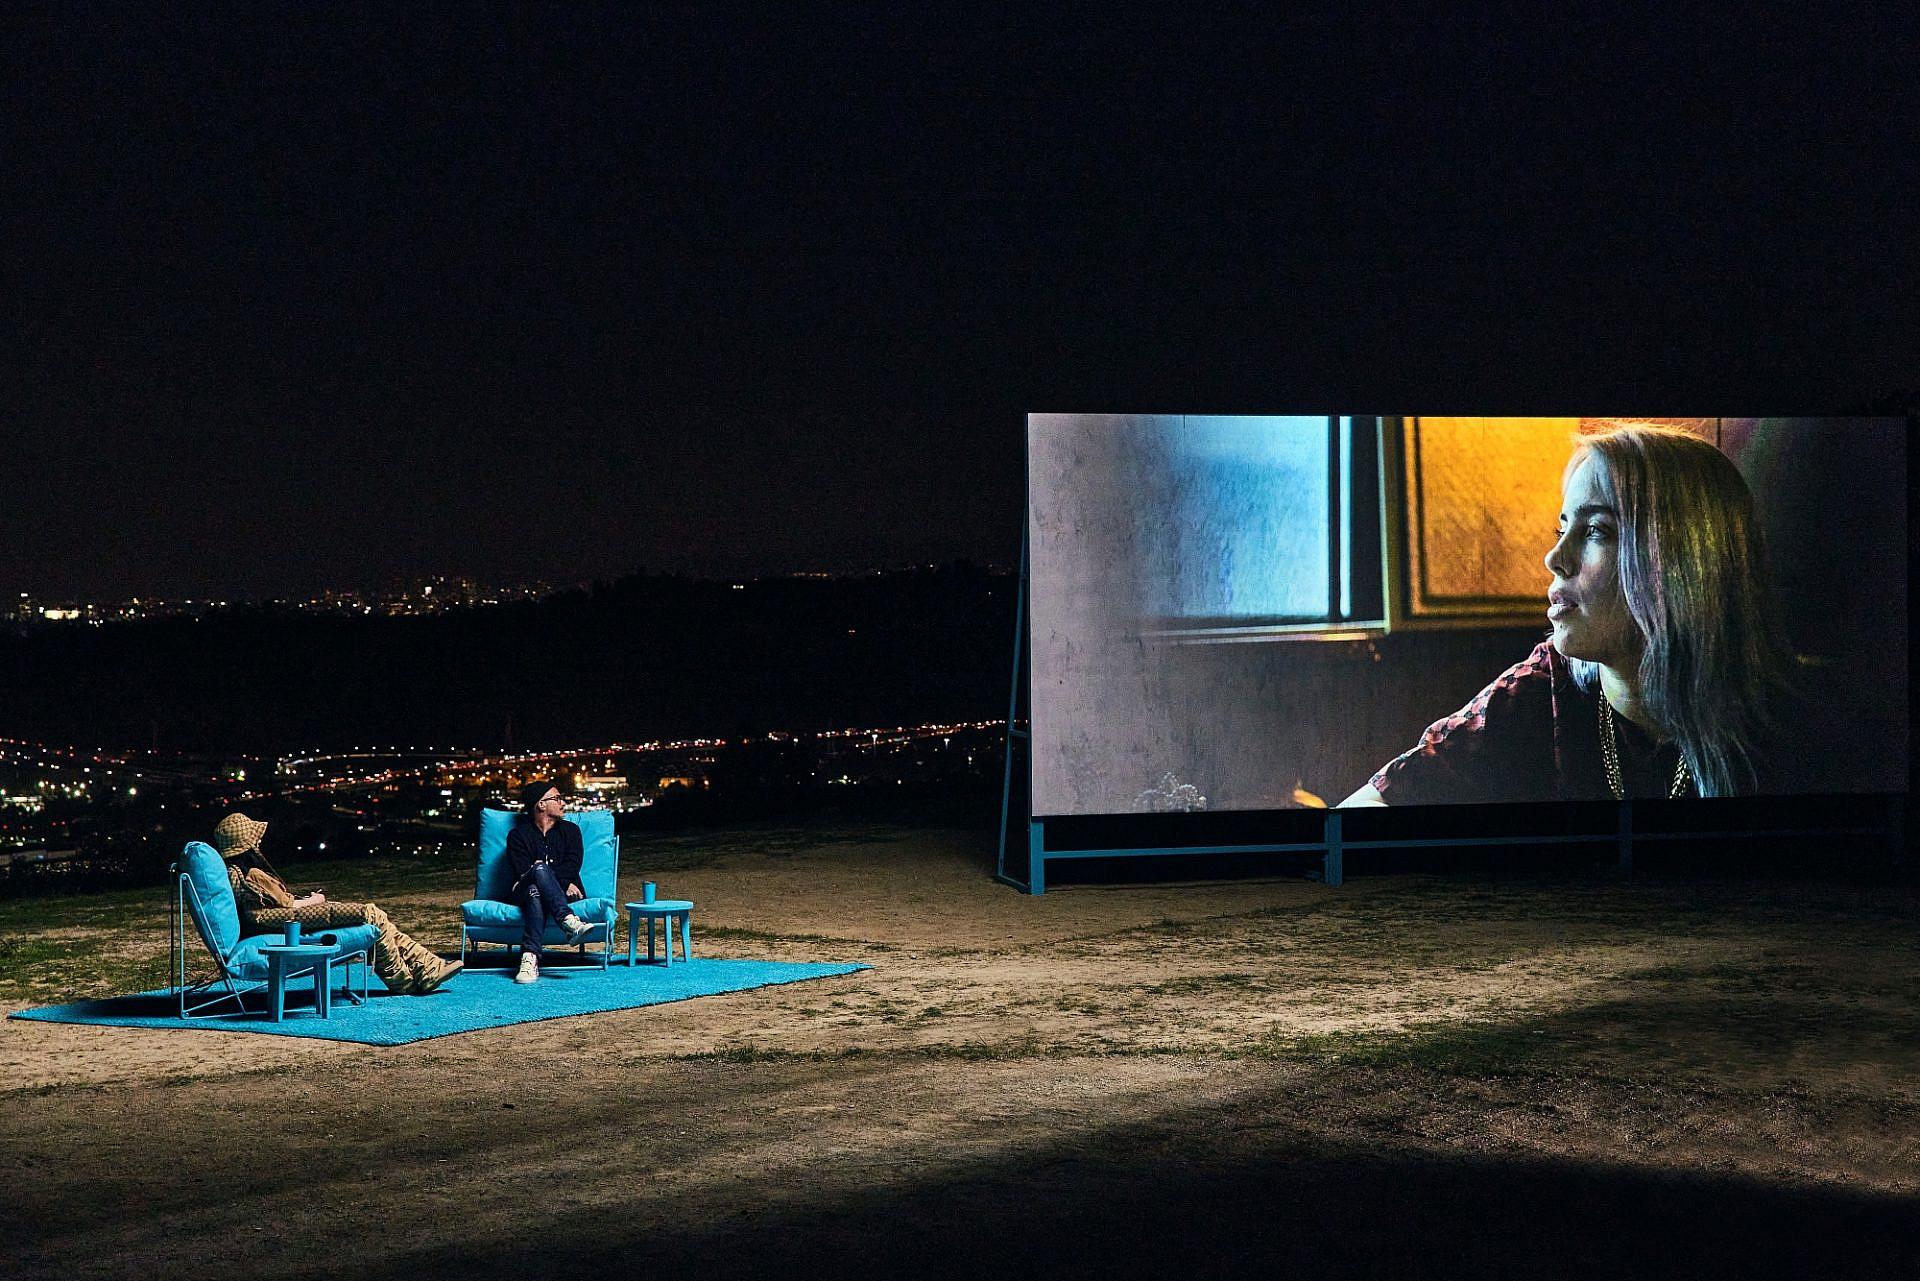 בילי אייליש וזיין לואו באירוע ההשקה של אפל+ (צילום: קורי אנג'לו\גטי אימג'ס)